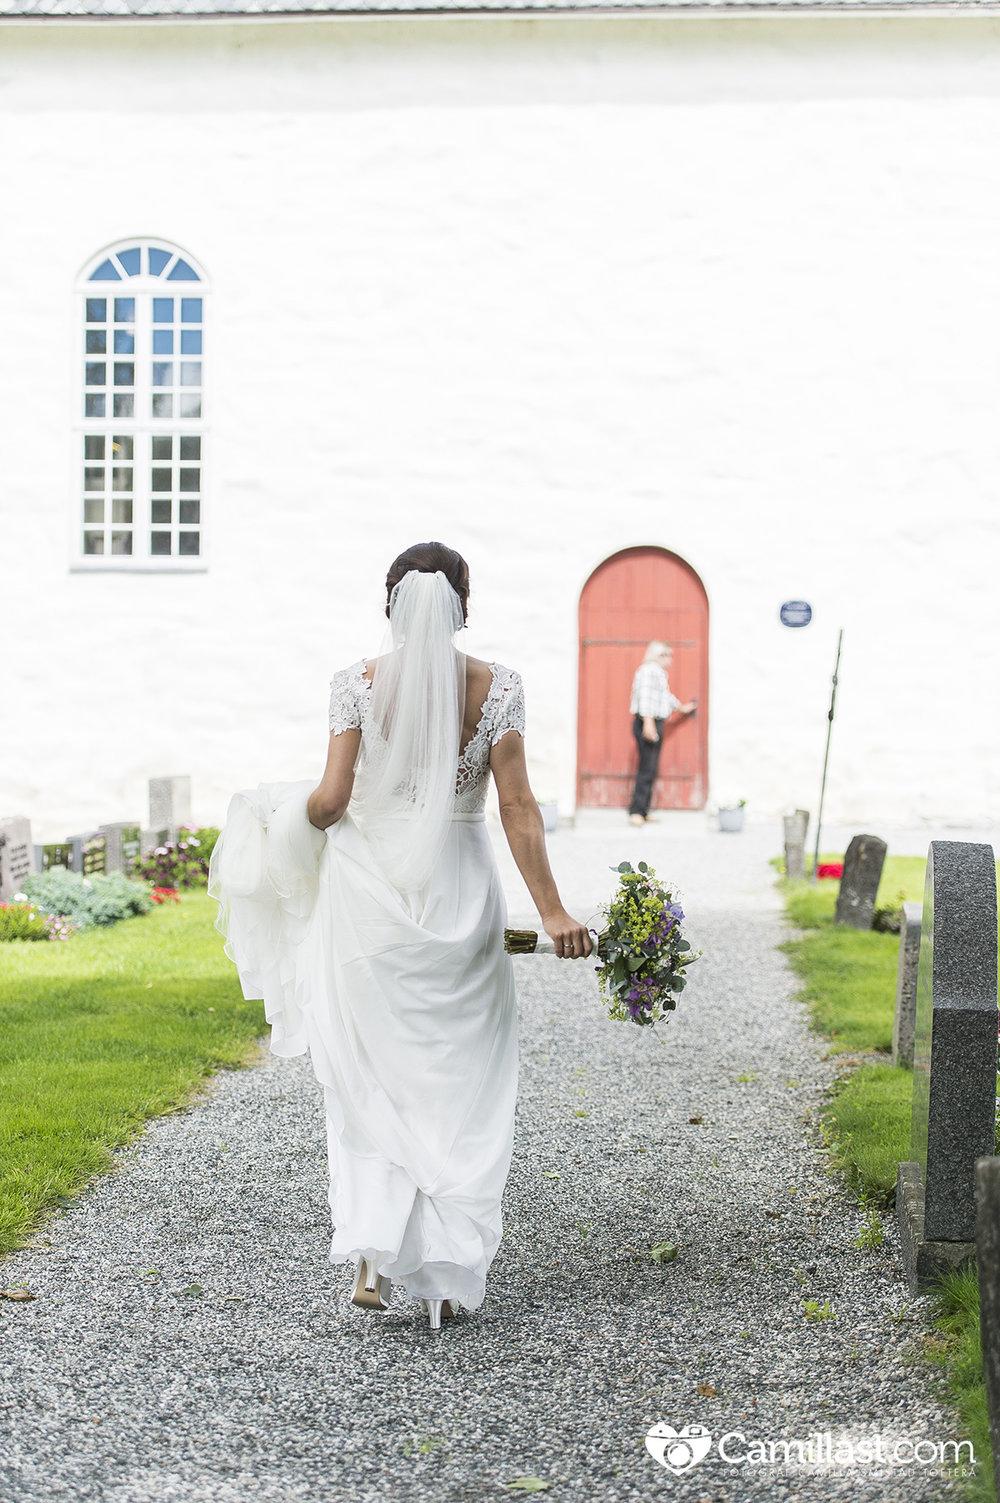 Fotograf_CamillaST_Bryllup 2017_Hilde_HansMartin_073 copy.jpg